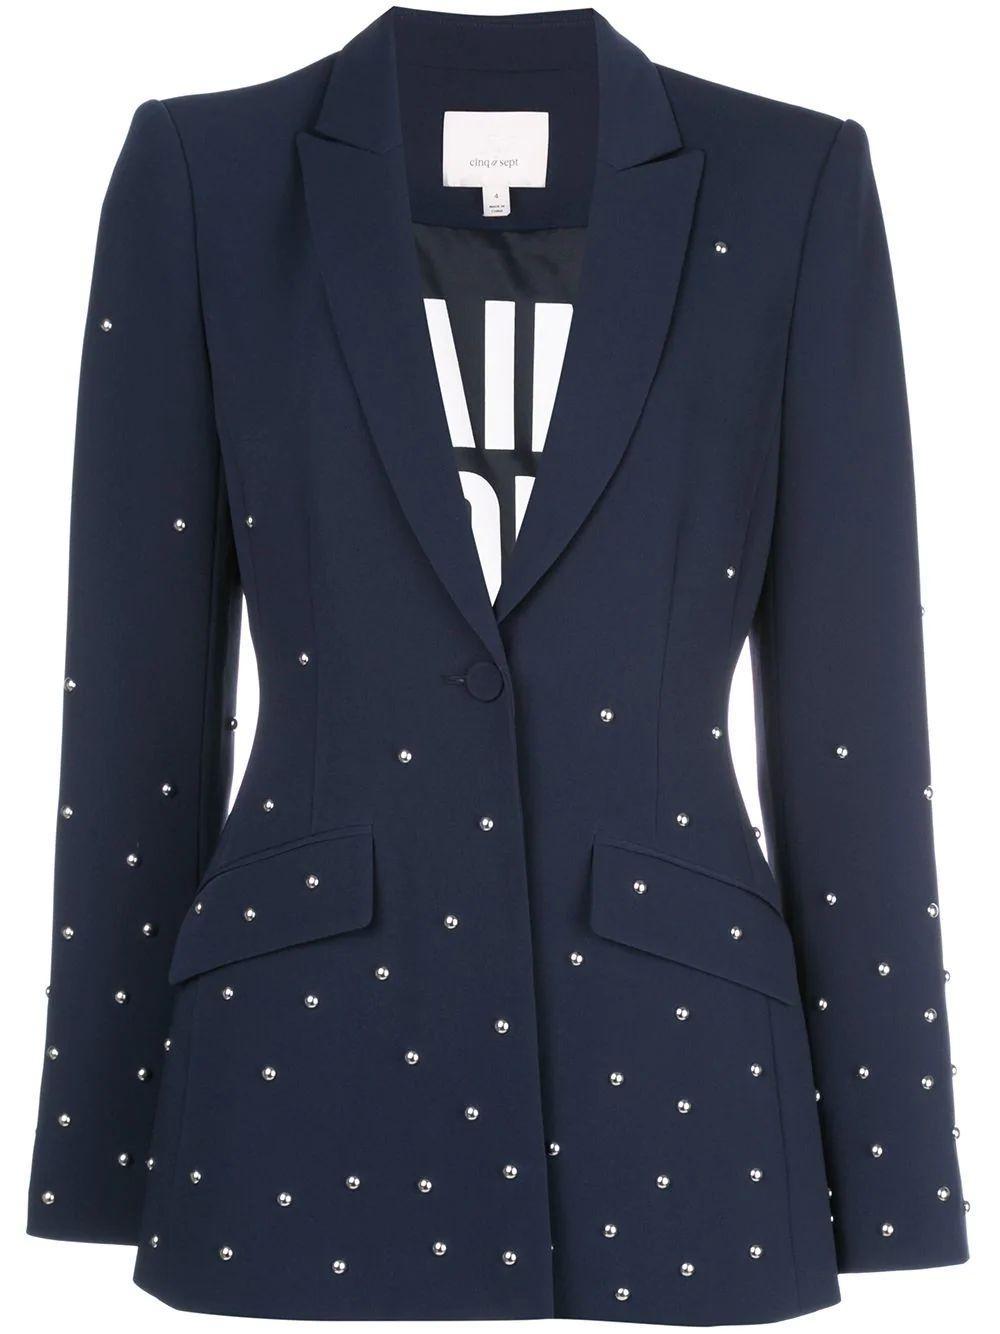 Estelle Stud Embellished Blazer